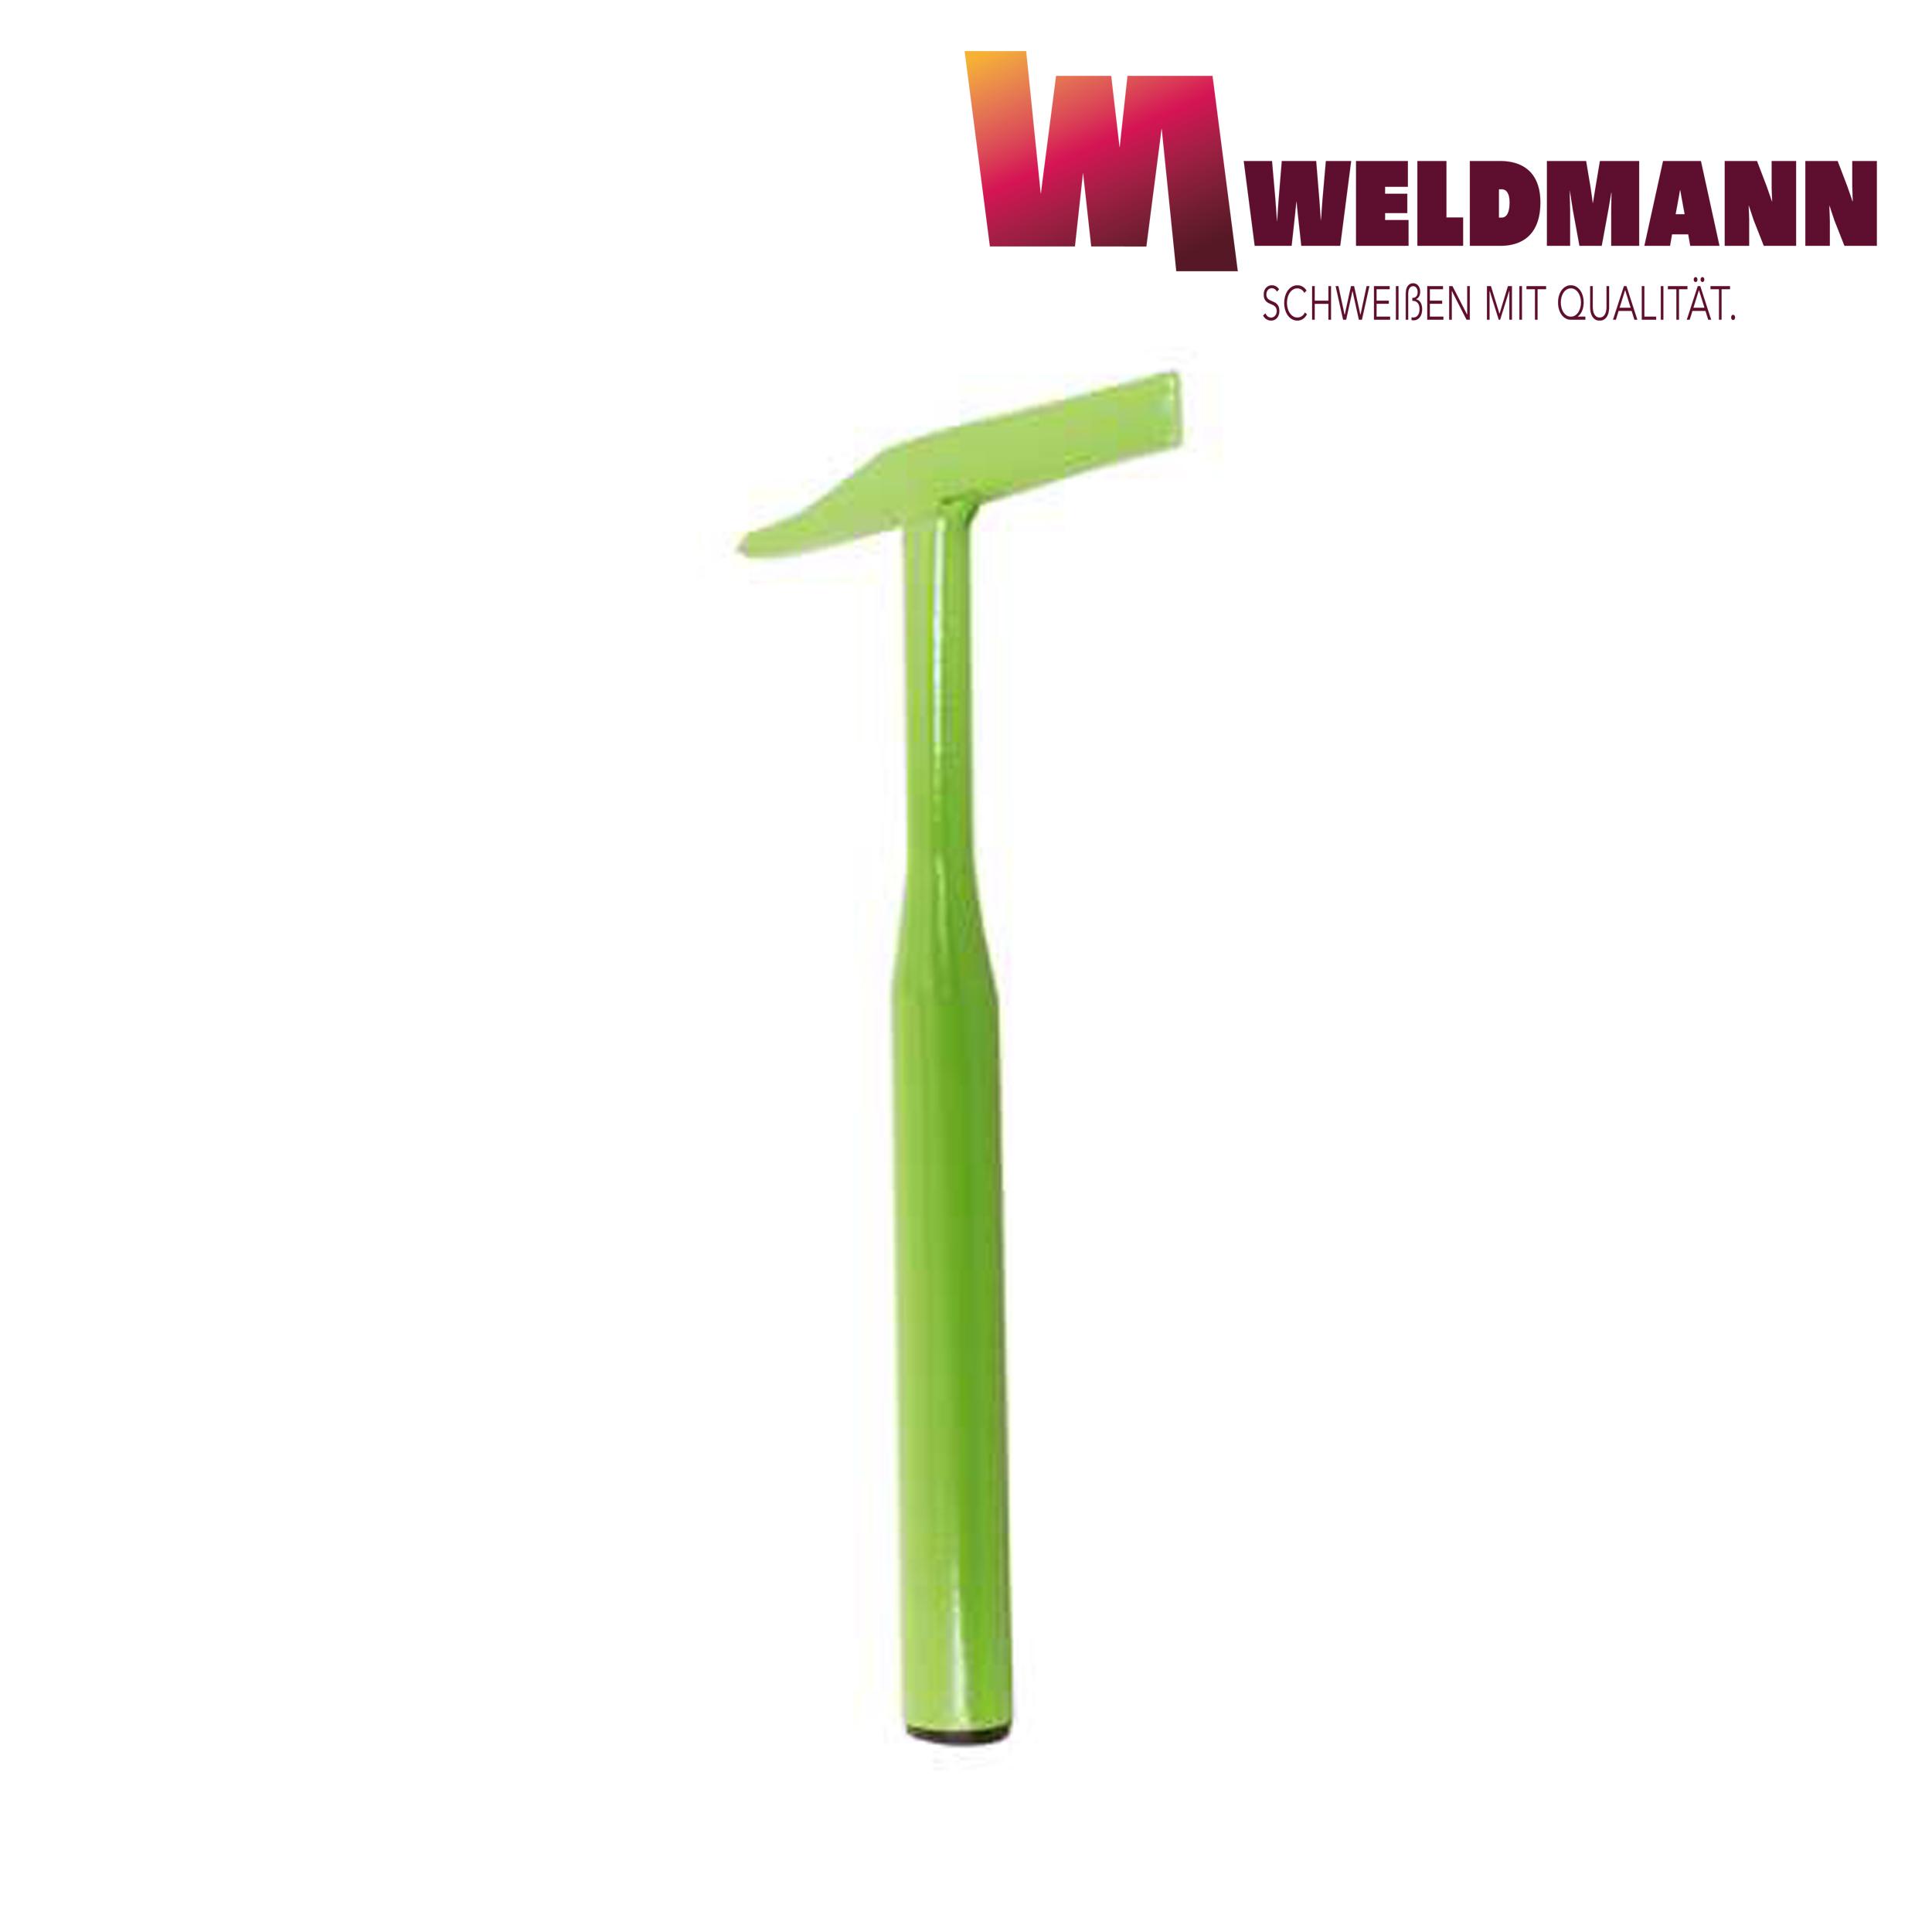 Stahlhammer 400 g